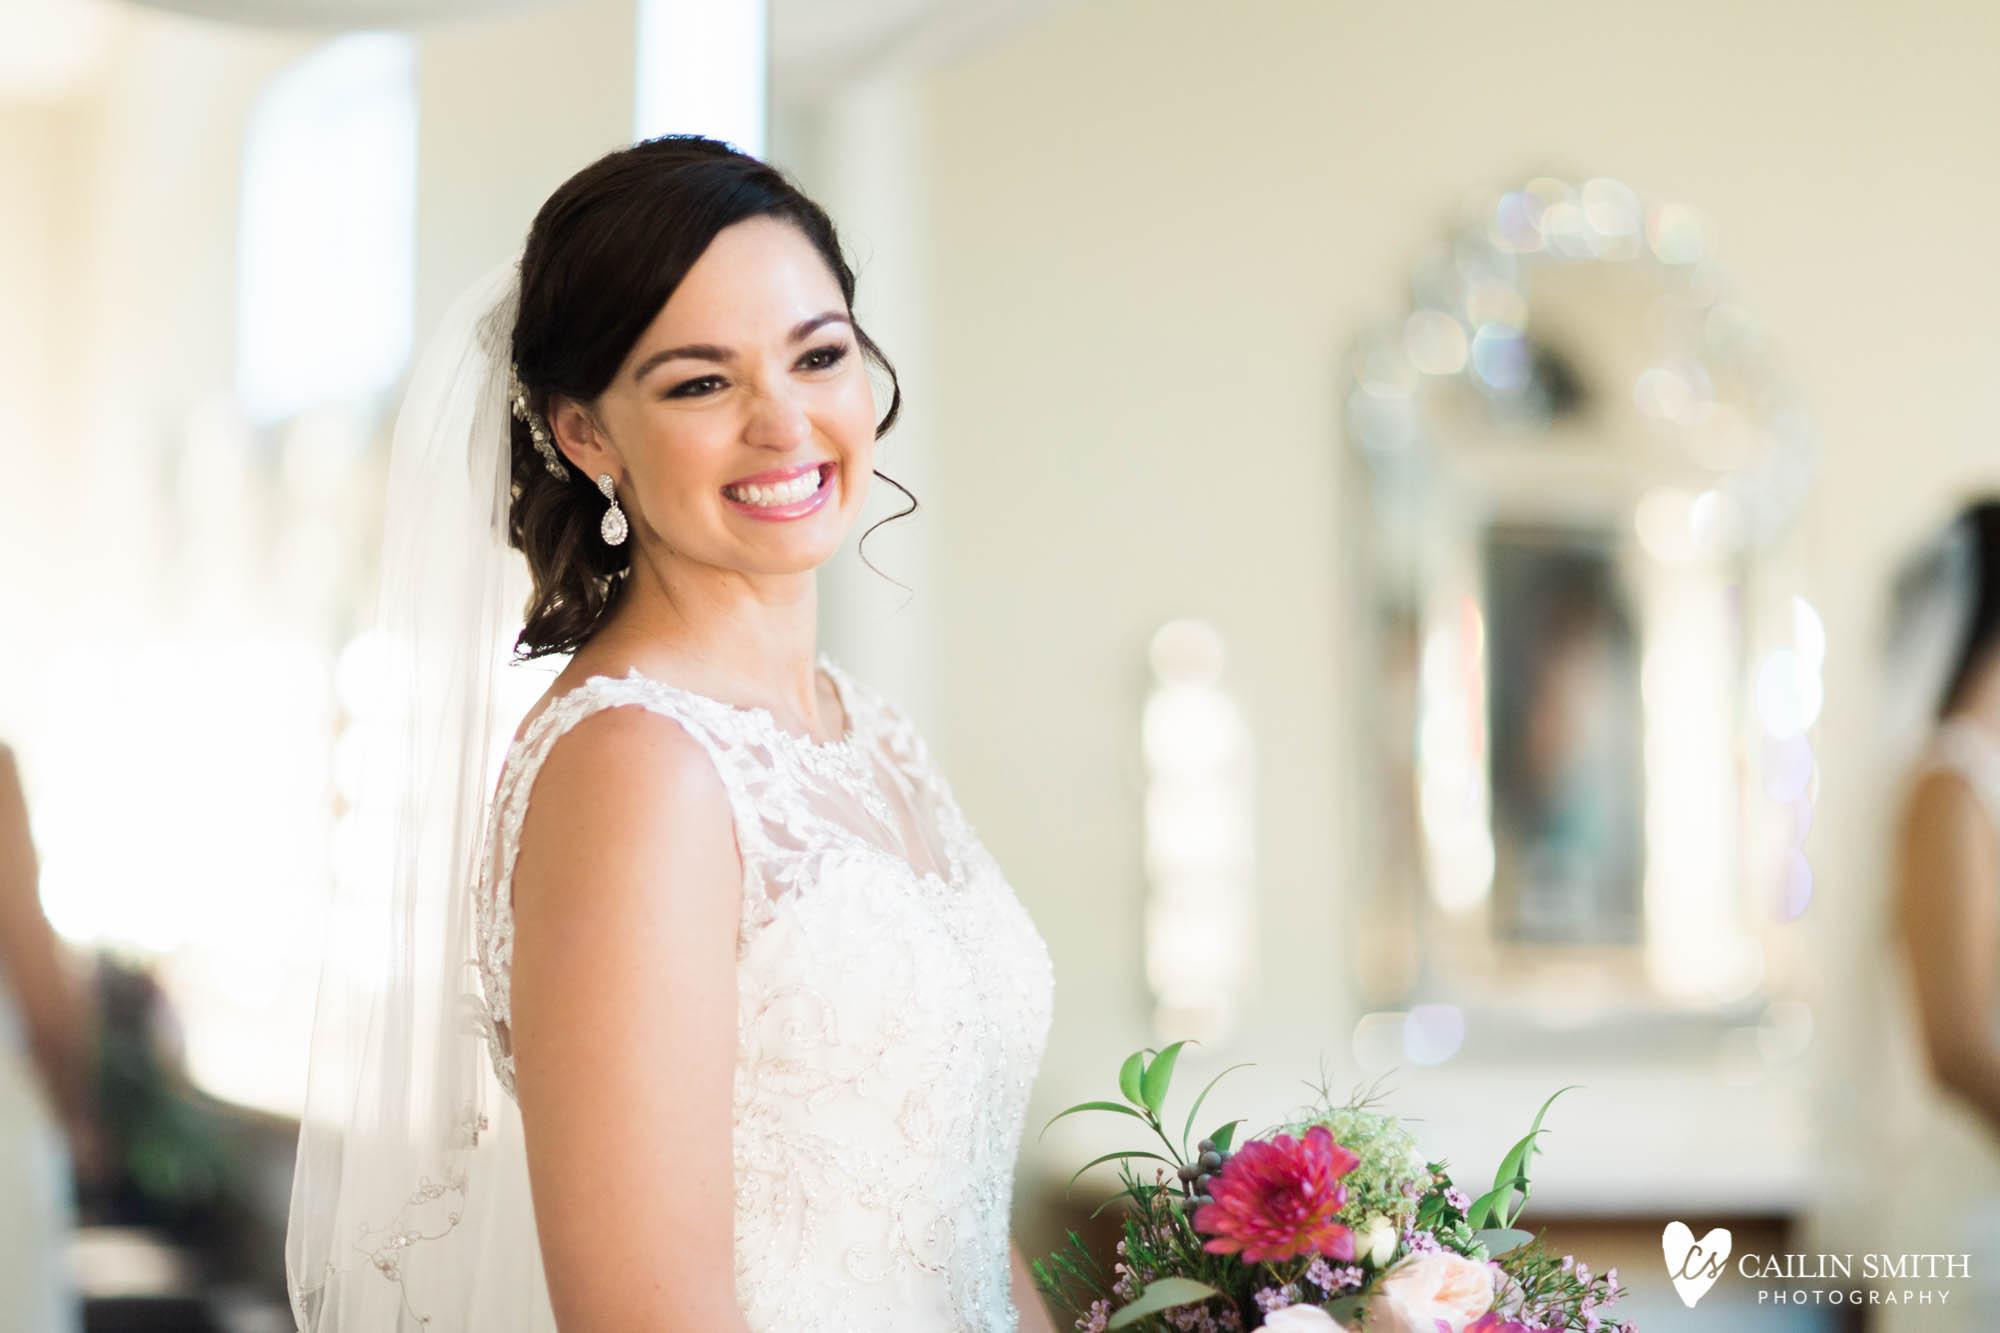 Bethany_Kyle_Bowing_Oaks_Plantation_Wedding_Photography_0017.jpg